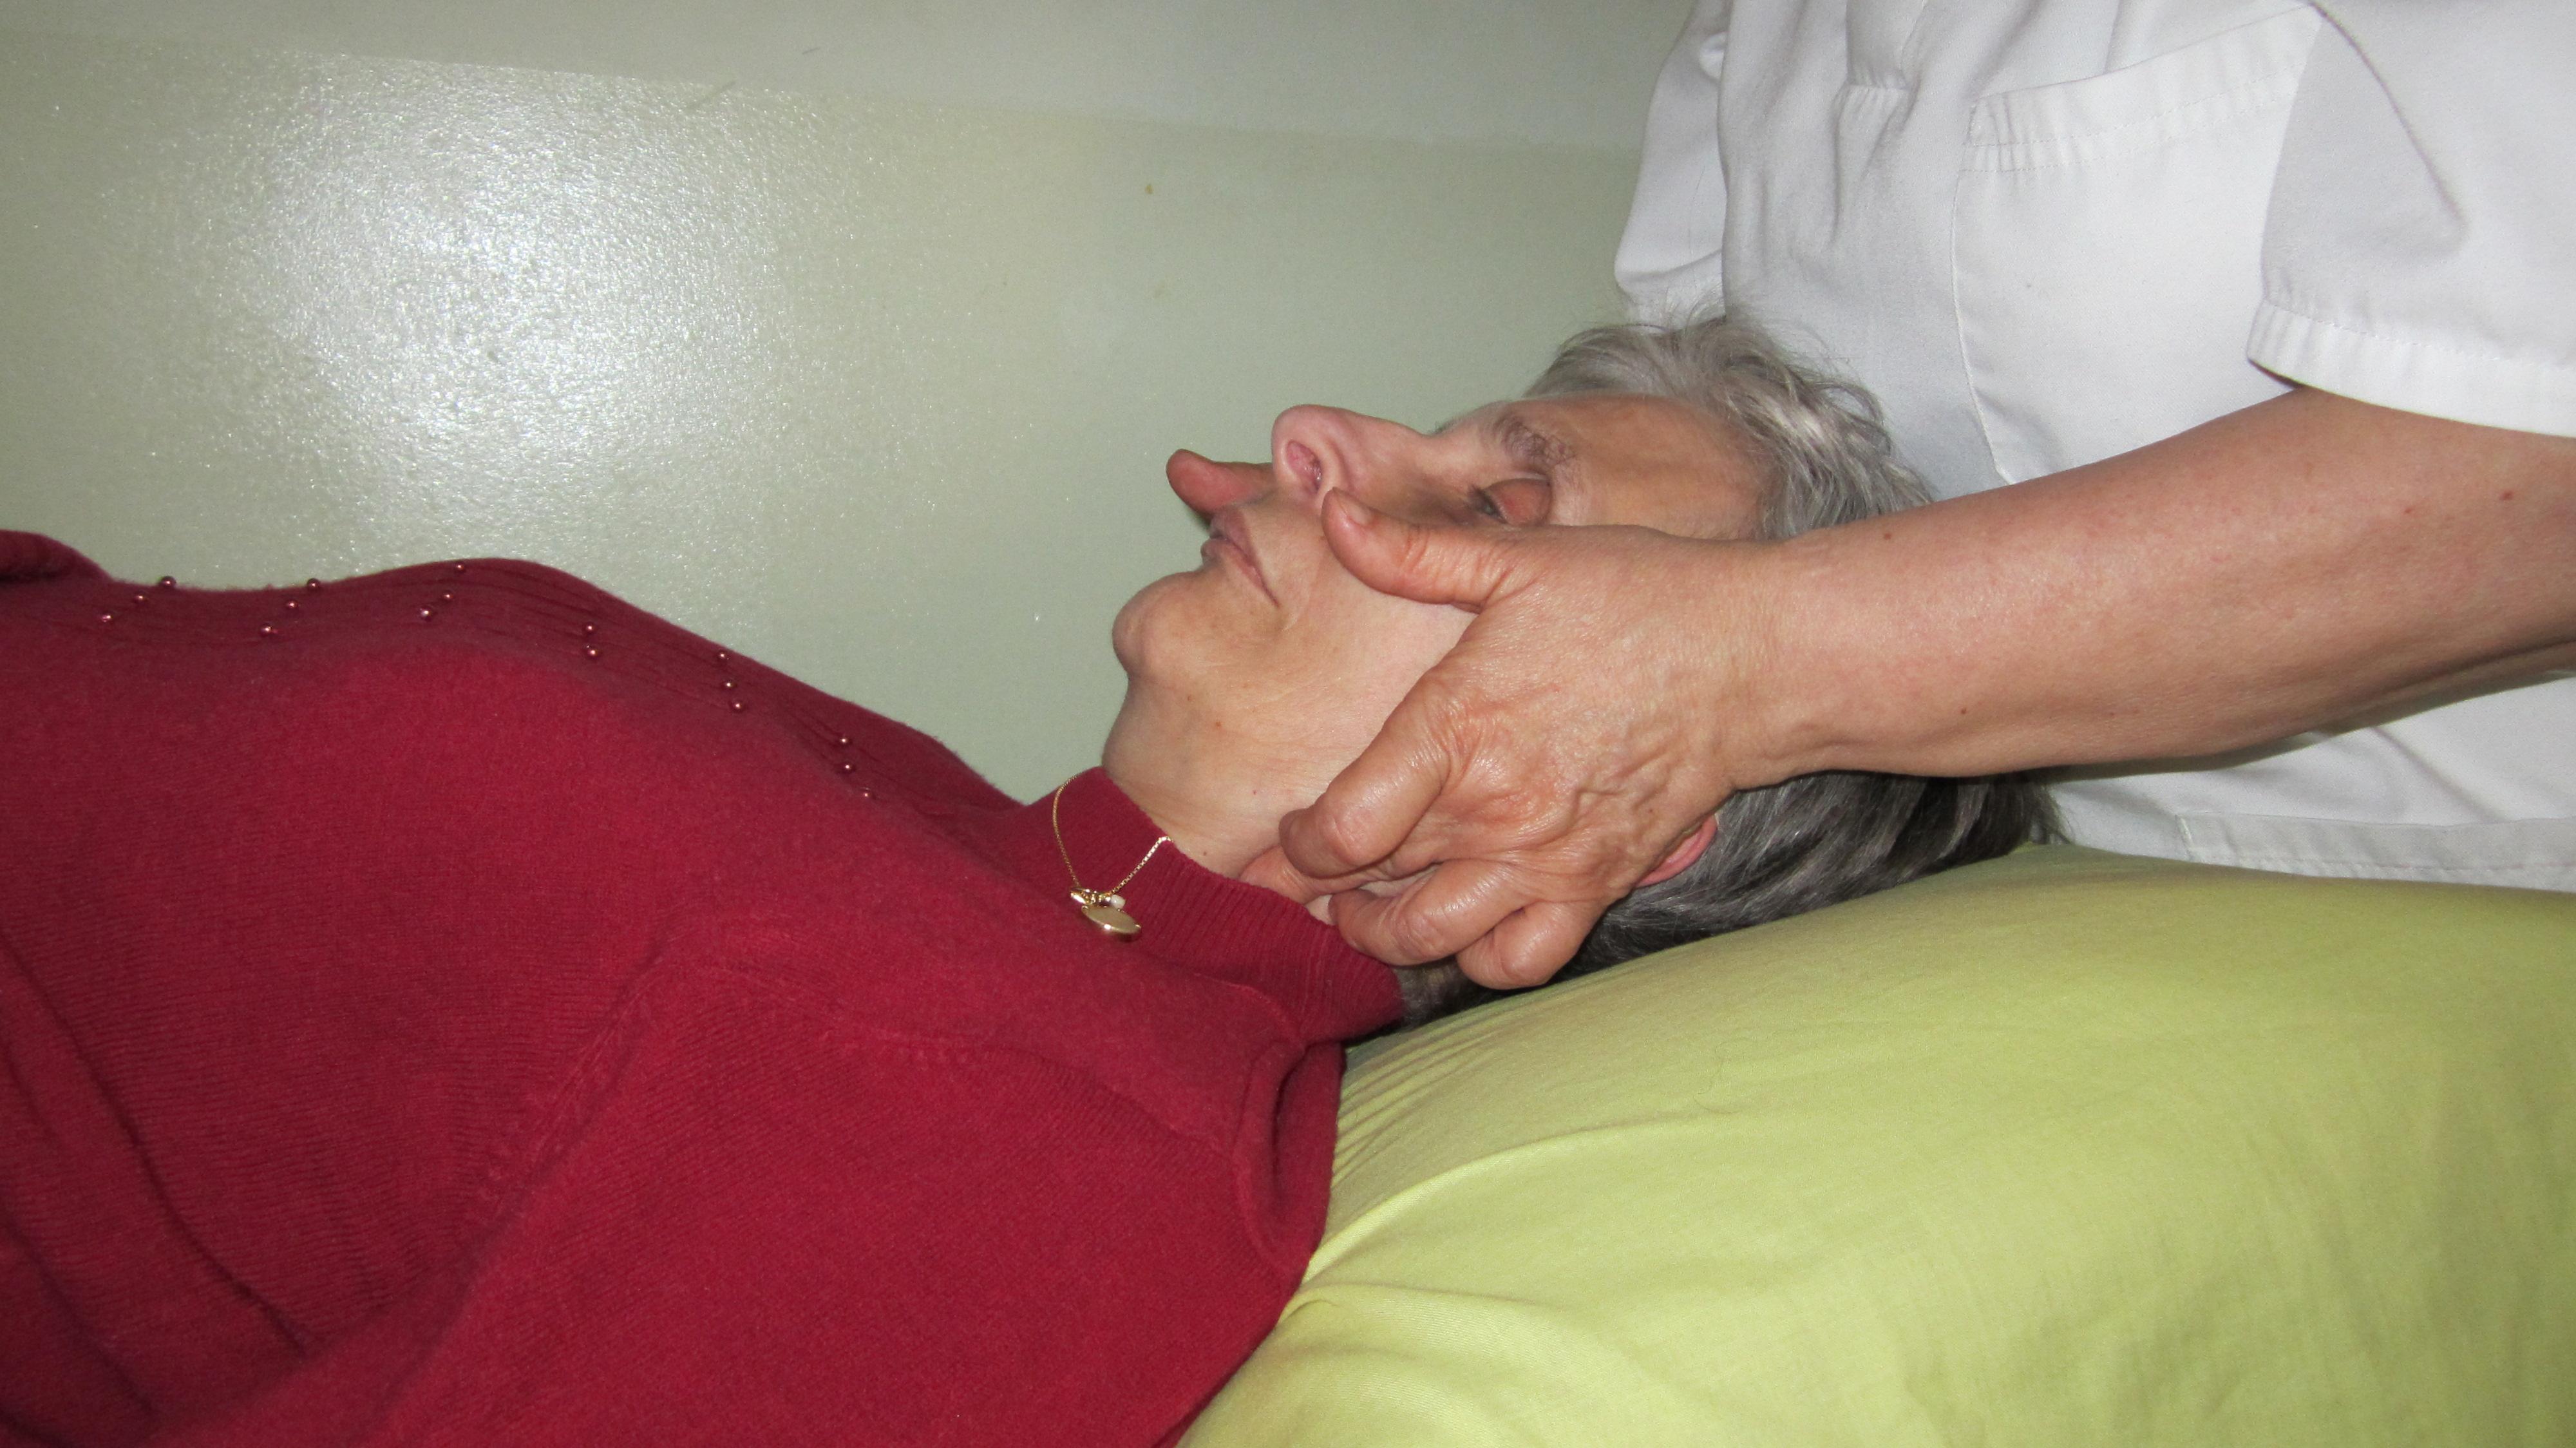 massatge-04